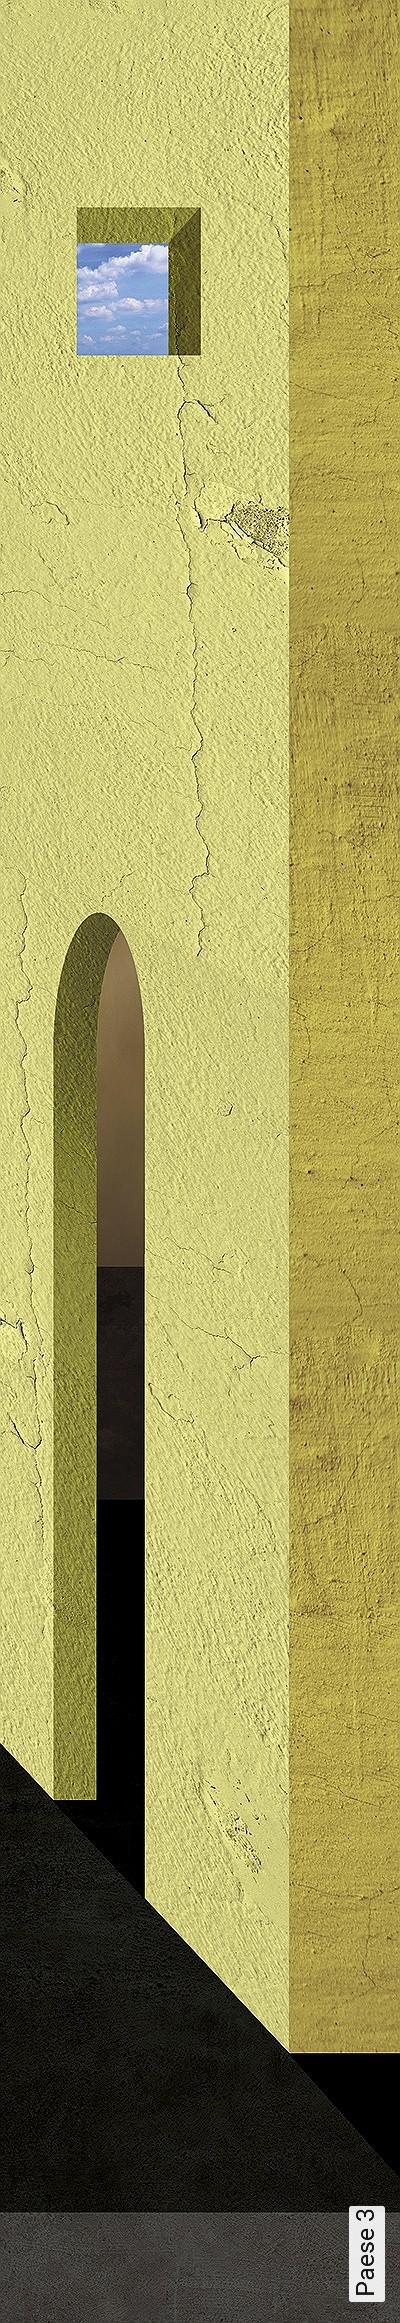 Paese-3-Landschaft-Wolken-Moderne-Muster-Gelb-Anthrazit-Hellblau